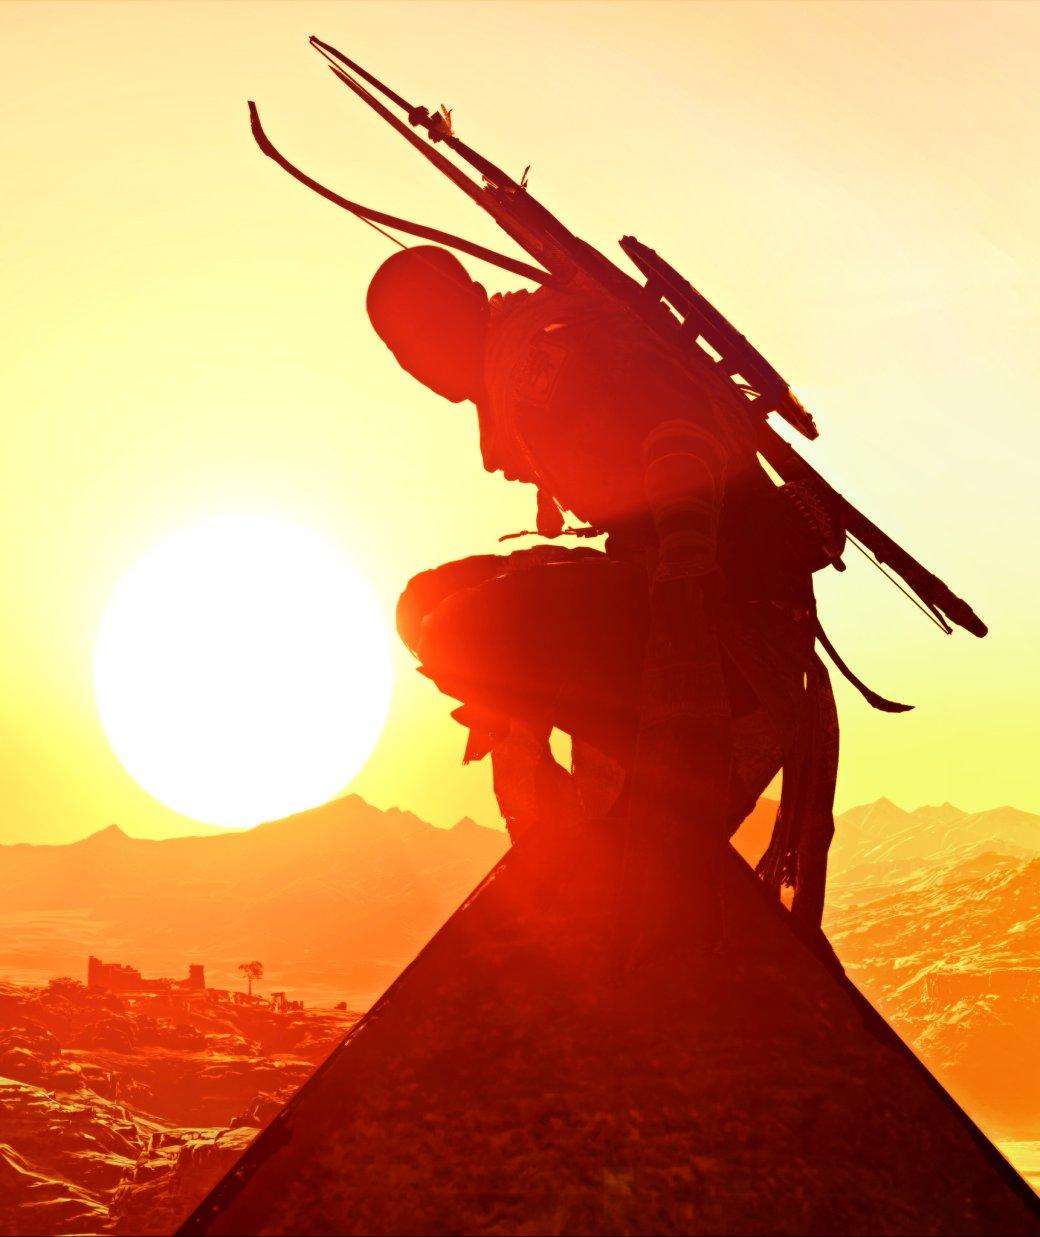 Рецензия на Assassin's Creed: Origins. Обзор игры - Изображение 12